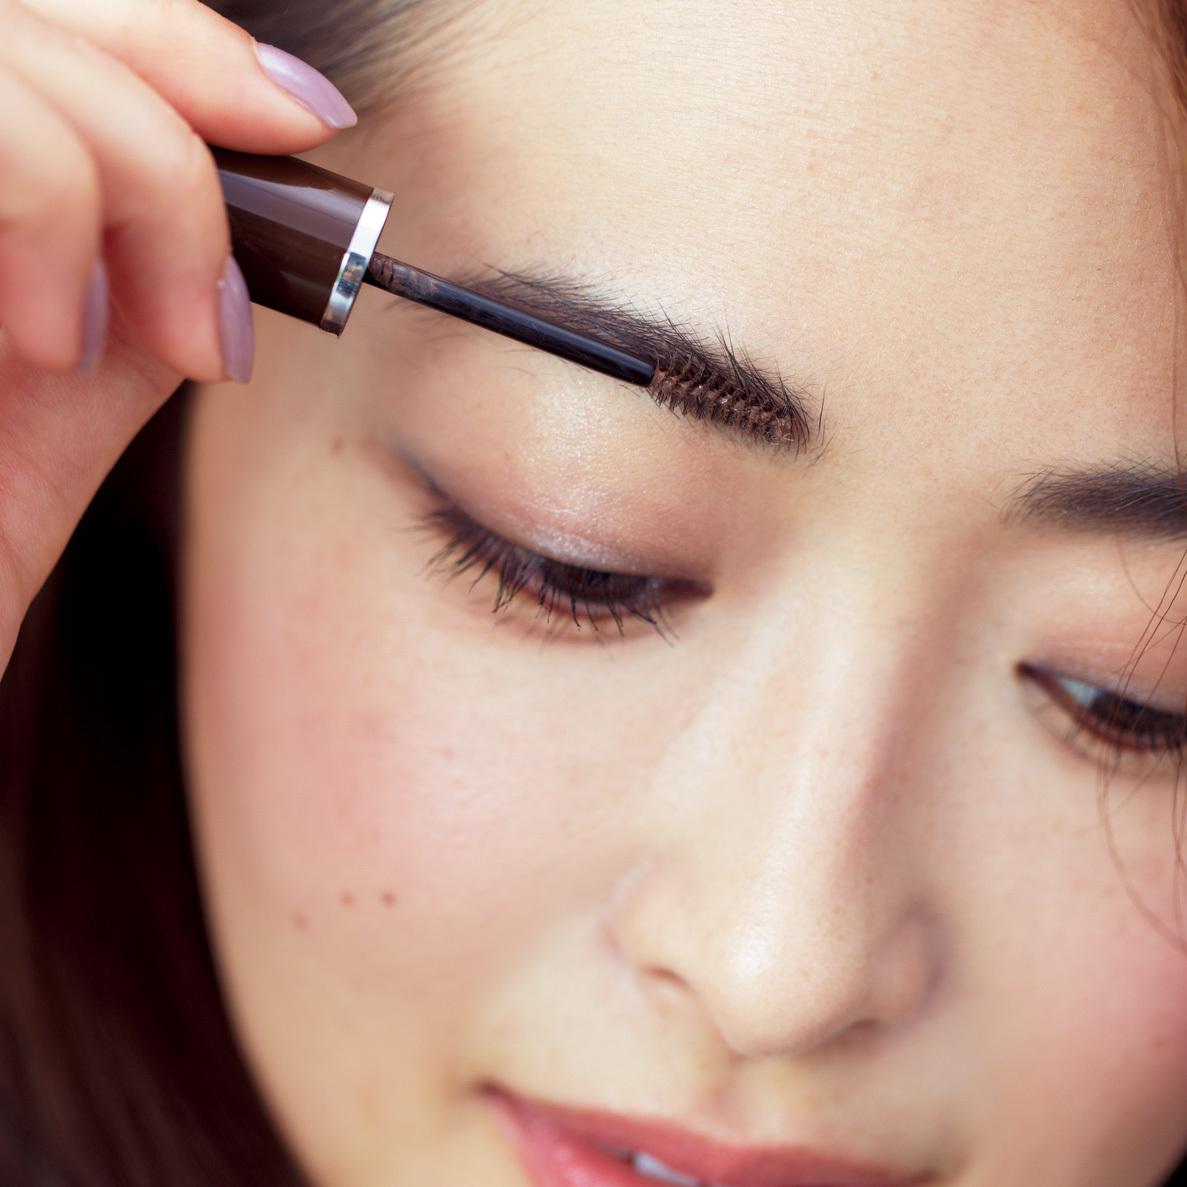 令嬢風のクラシカルな眉が旬。やや短めの角度眉で清潔感を_1_2